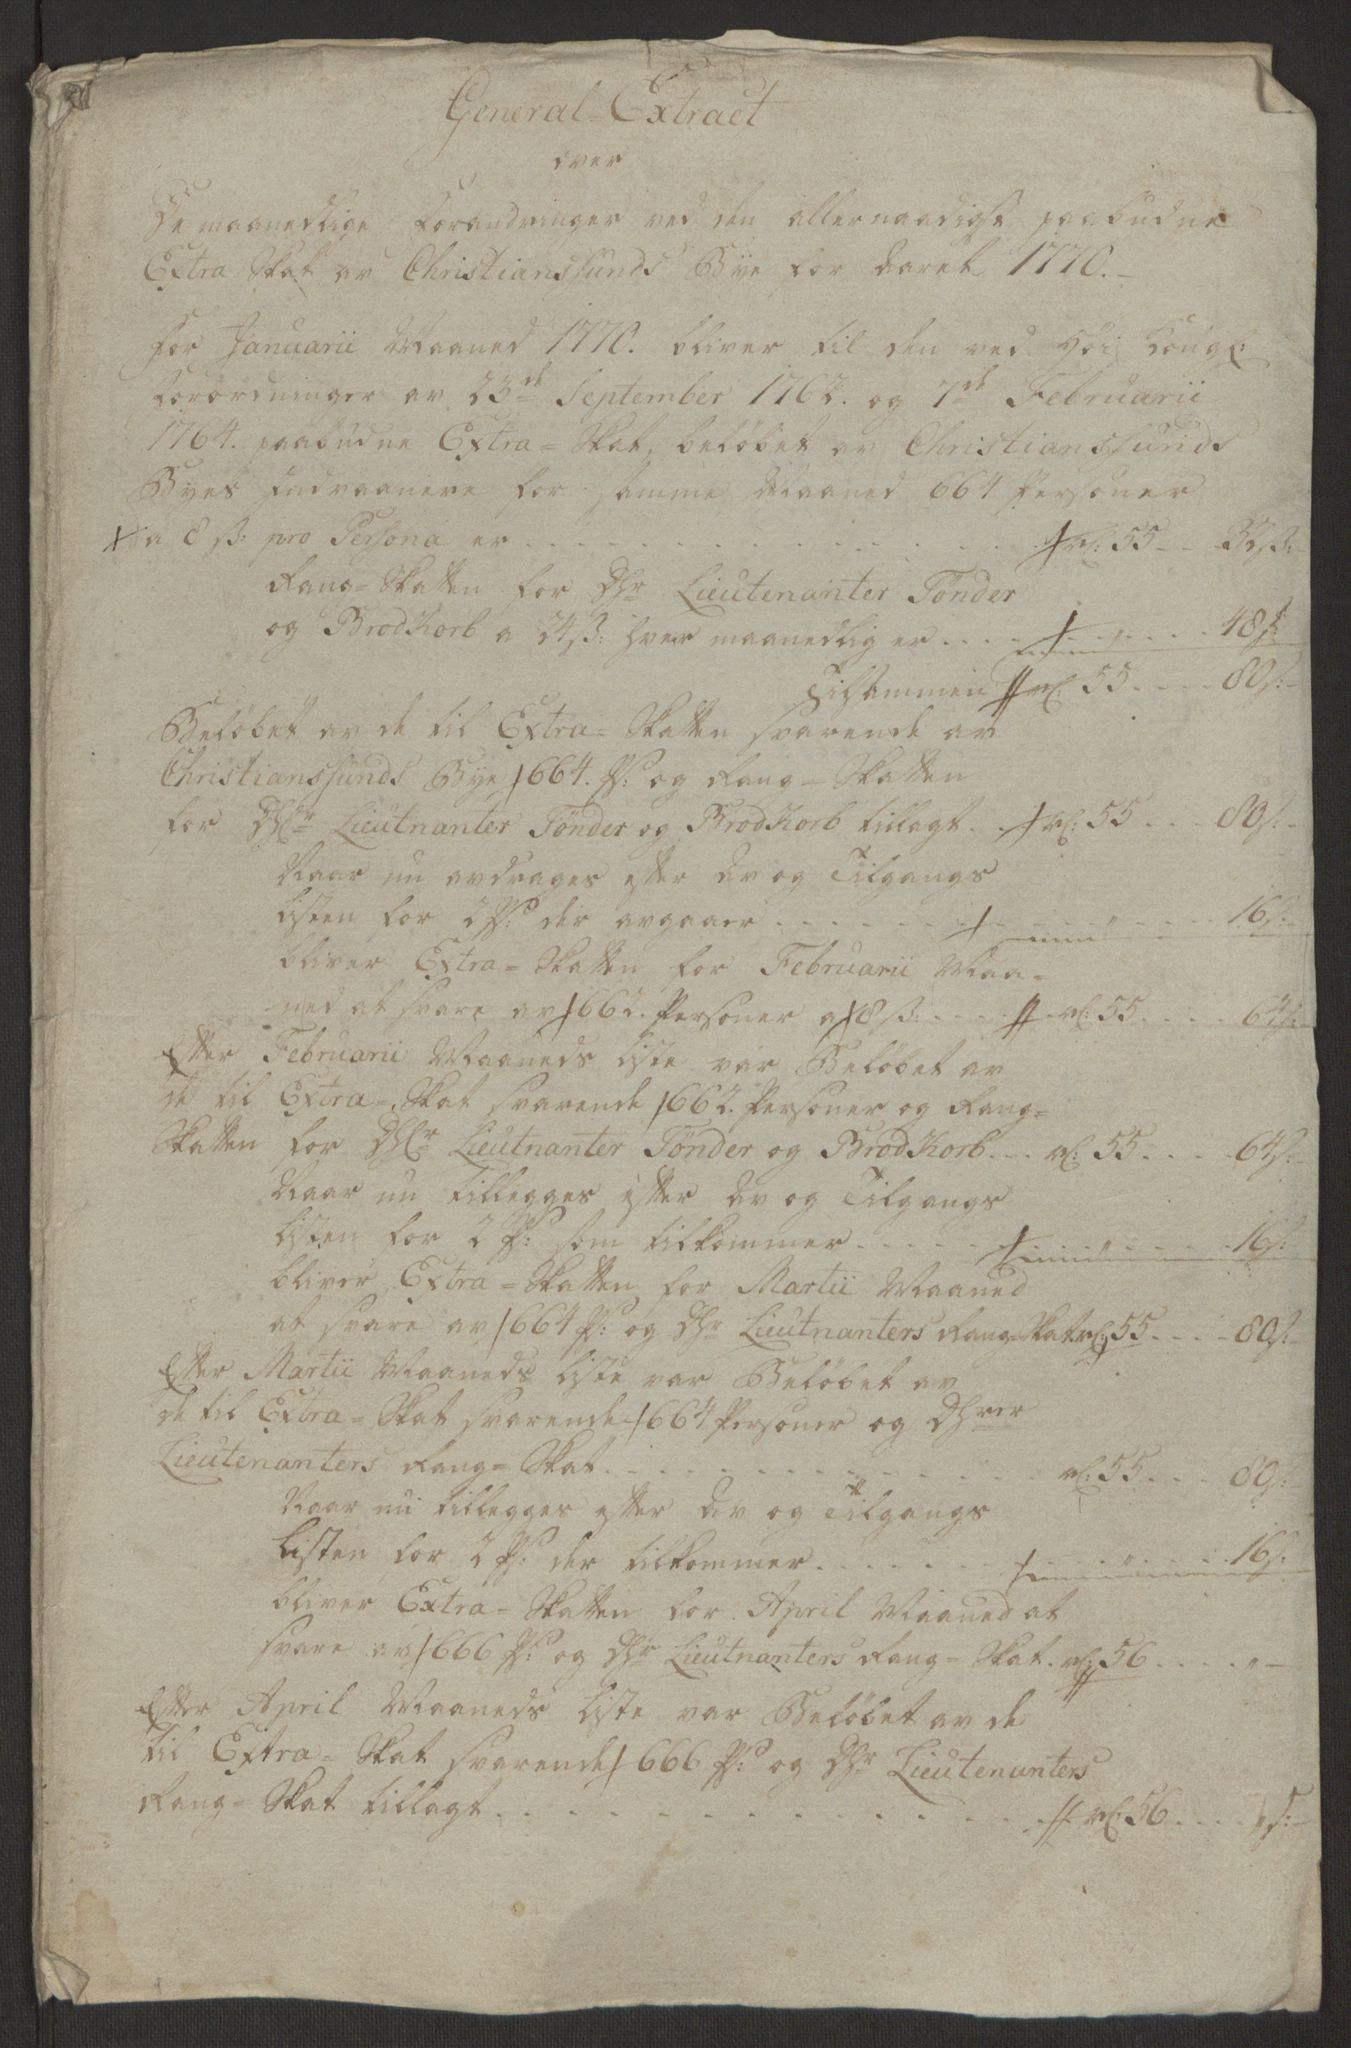 RA, Rentekammeret inntil 1814, Reviderte regnskaper, Byregnskaper, R/Rr/L0495: [R1] Kontribusjonsregnskap, 1762-1772, s. 232